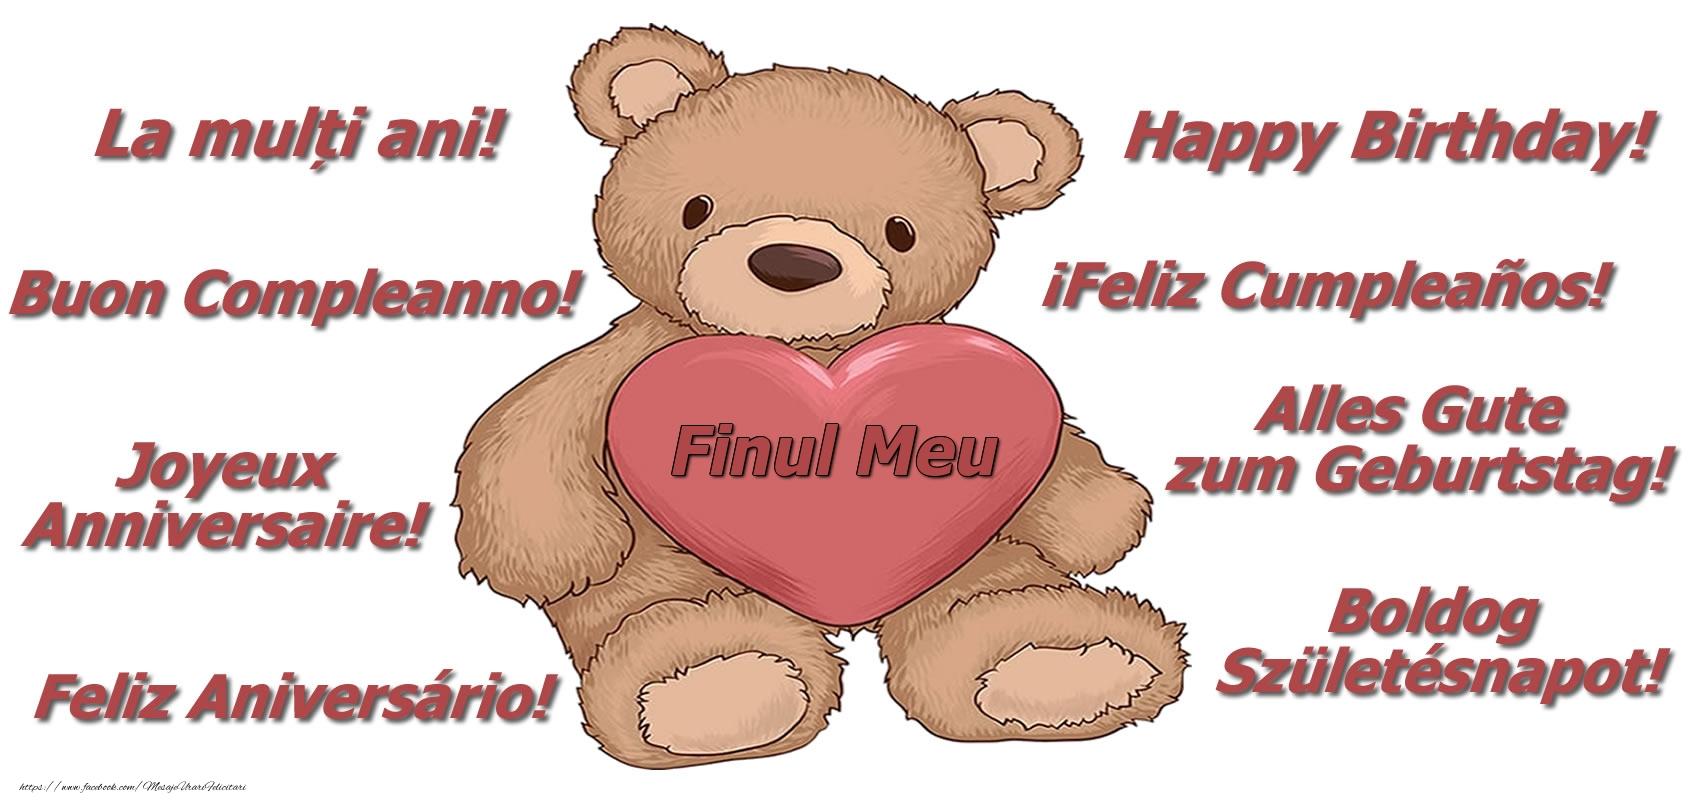 Felicitari de zi de nastere pentru Fin - La multi ani finul meu! - Ursulet